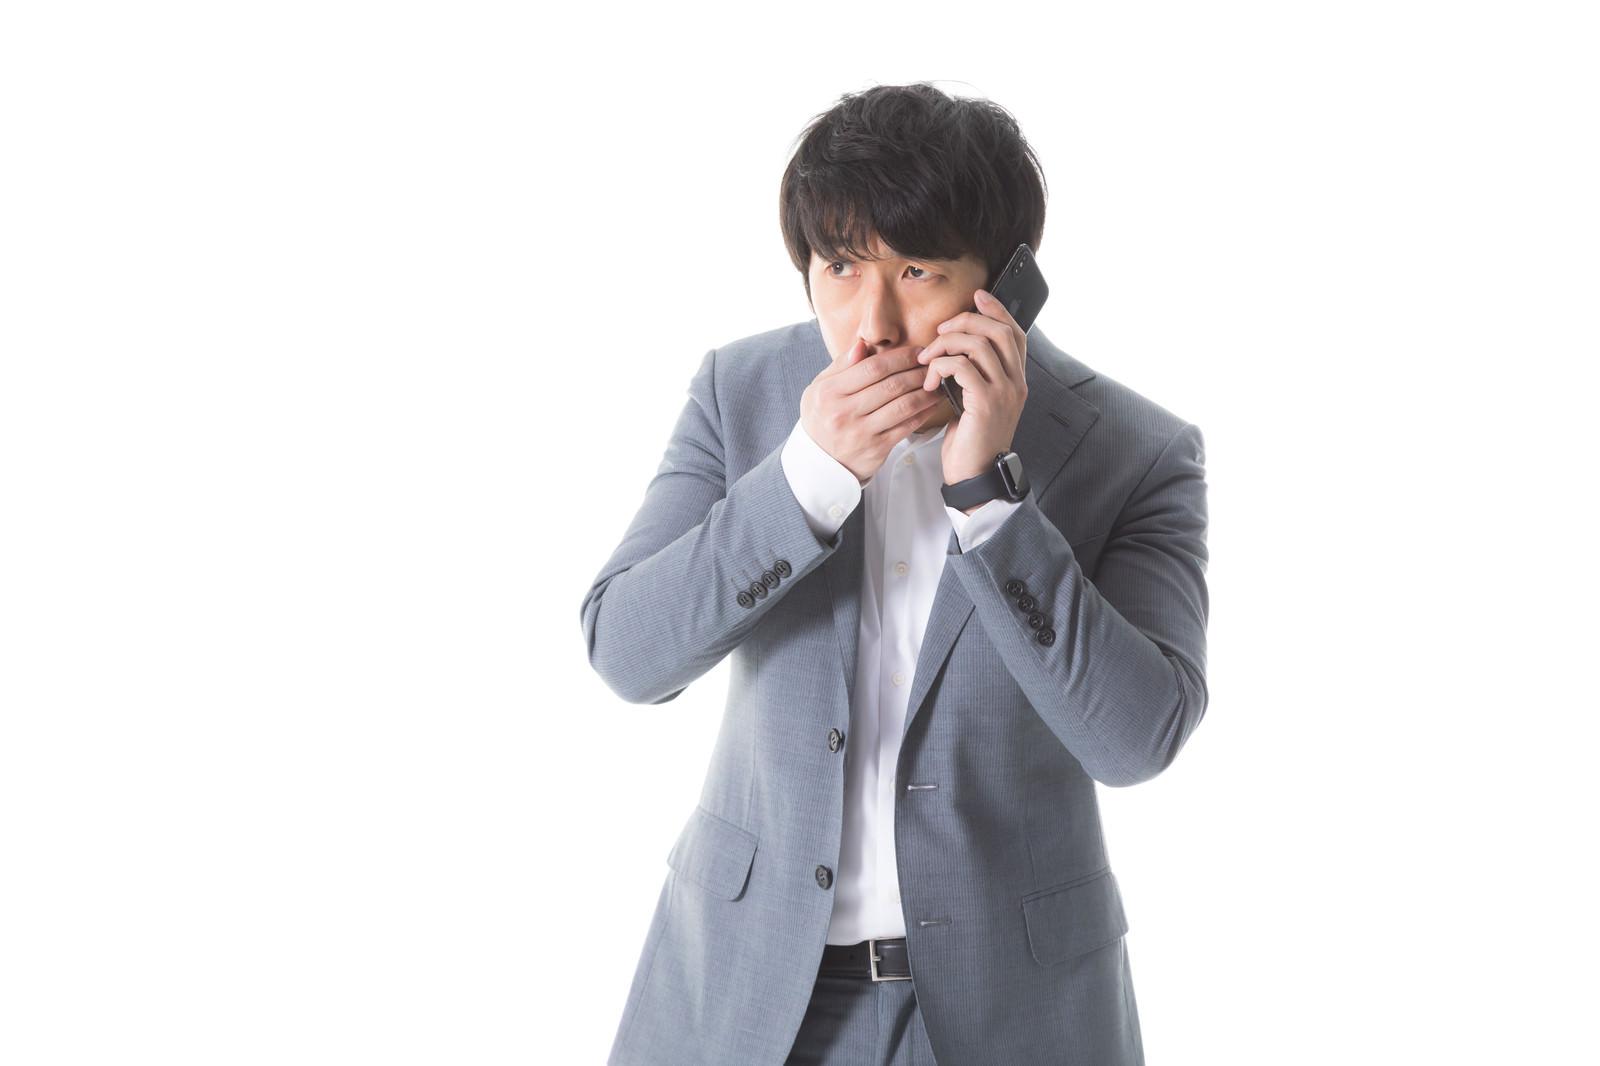 「アポ取り中にさり気なく口臭を確認する営業マン」の写真[モデル:大川竜弥]